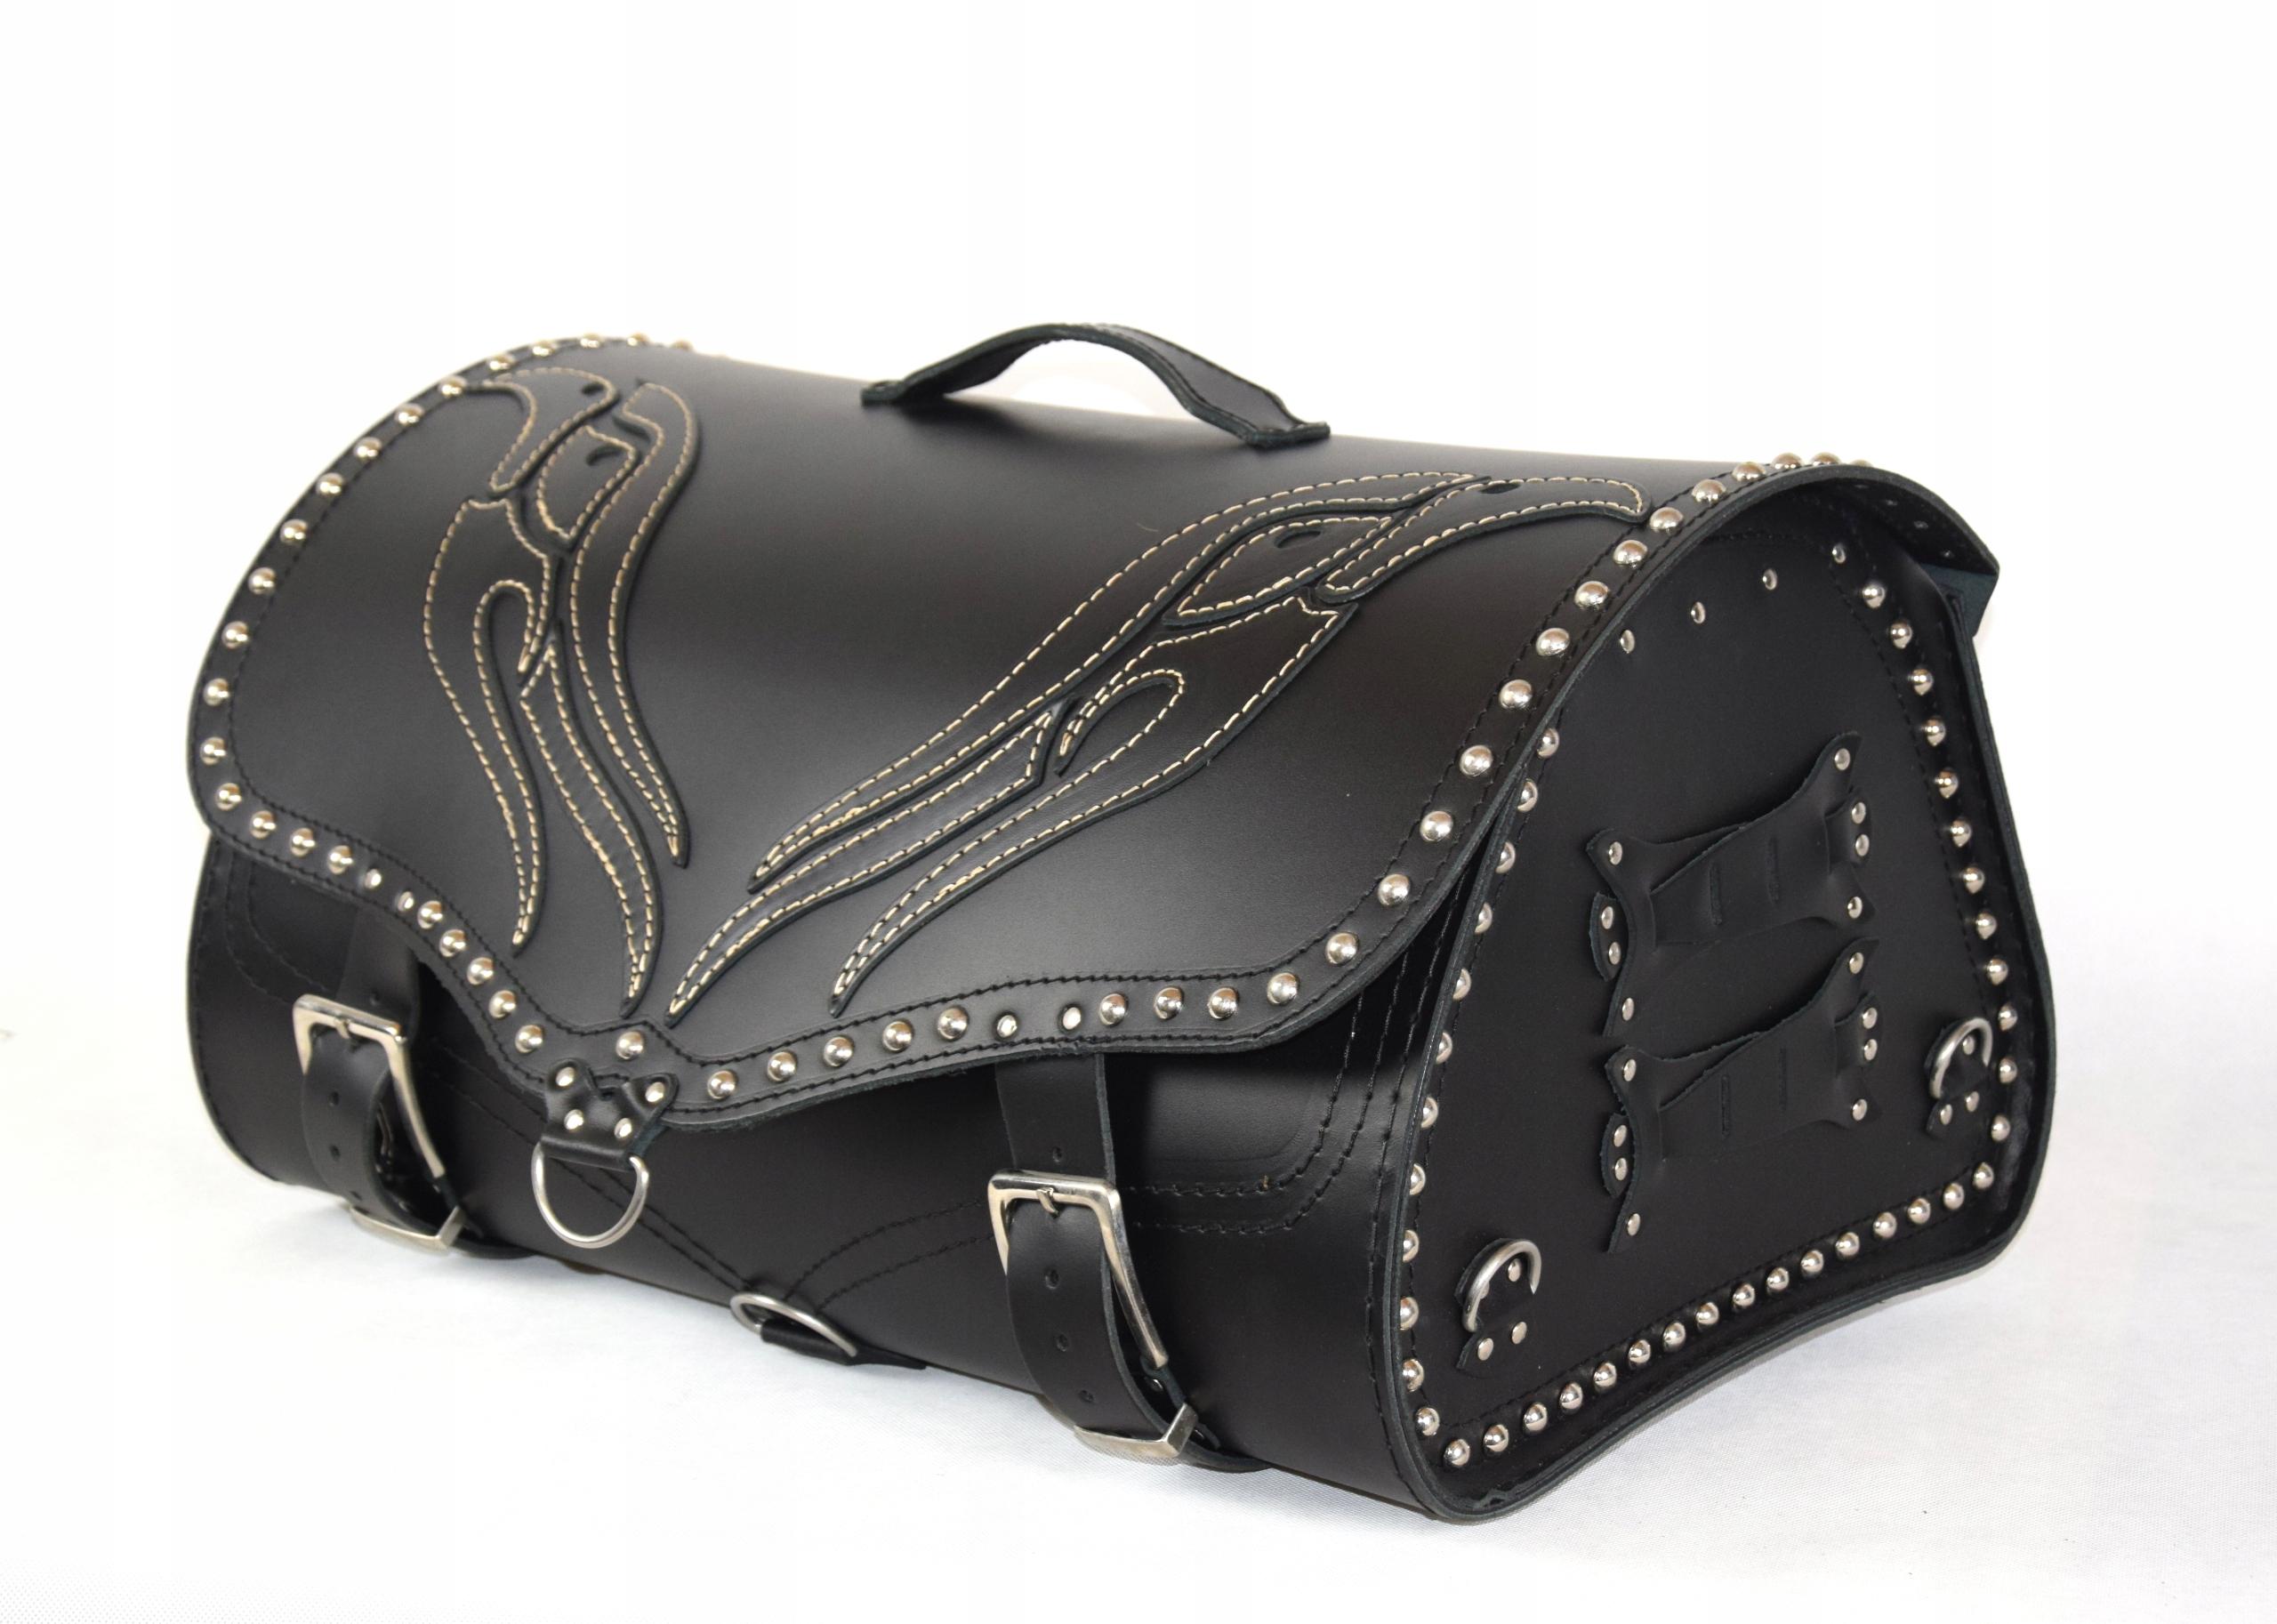 Kufer skórzany motocyklowy - Orzeł na klapie K22 Numer katalogowy producenta K22